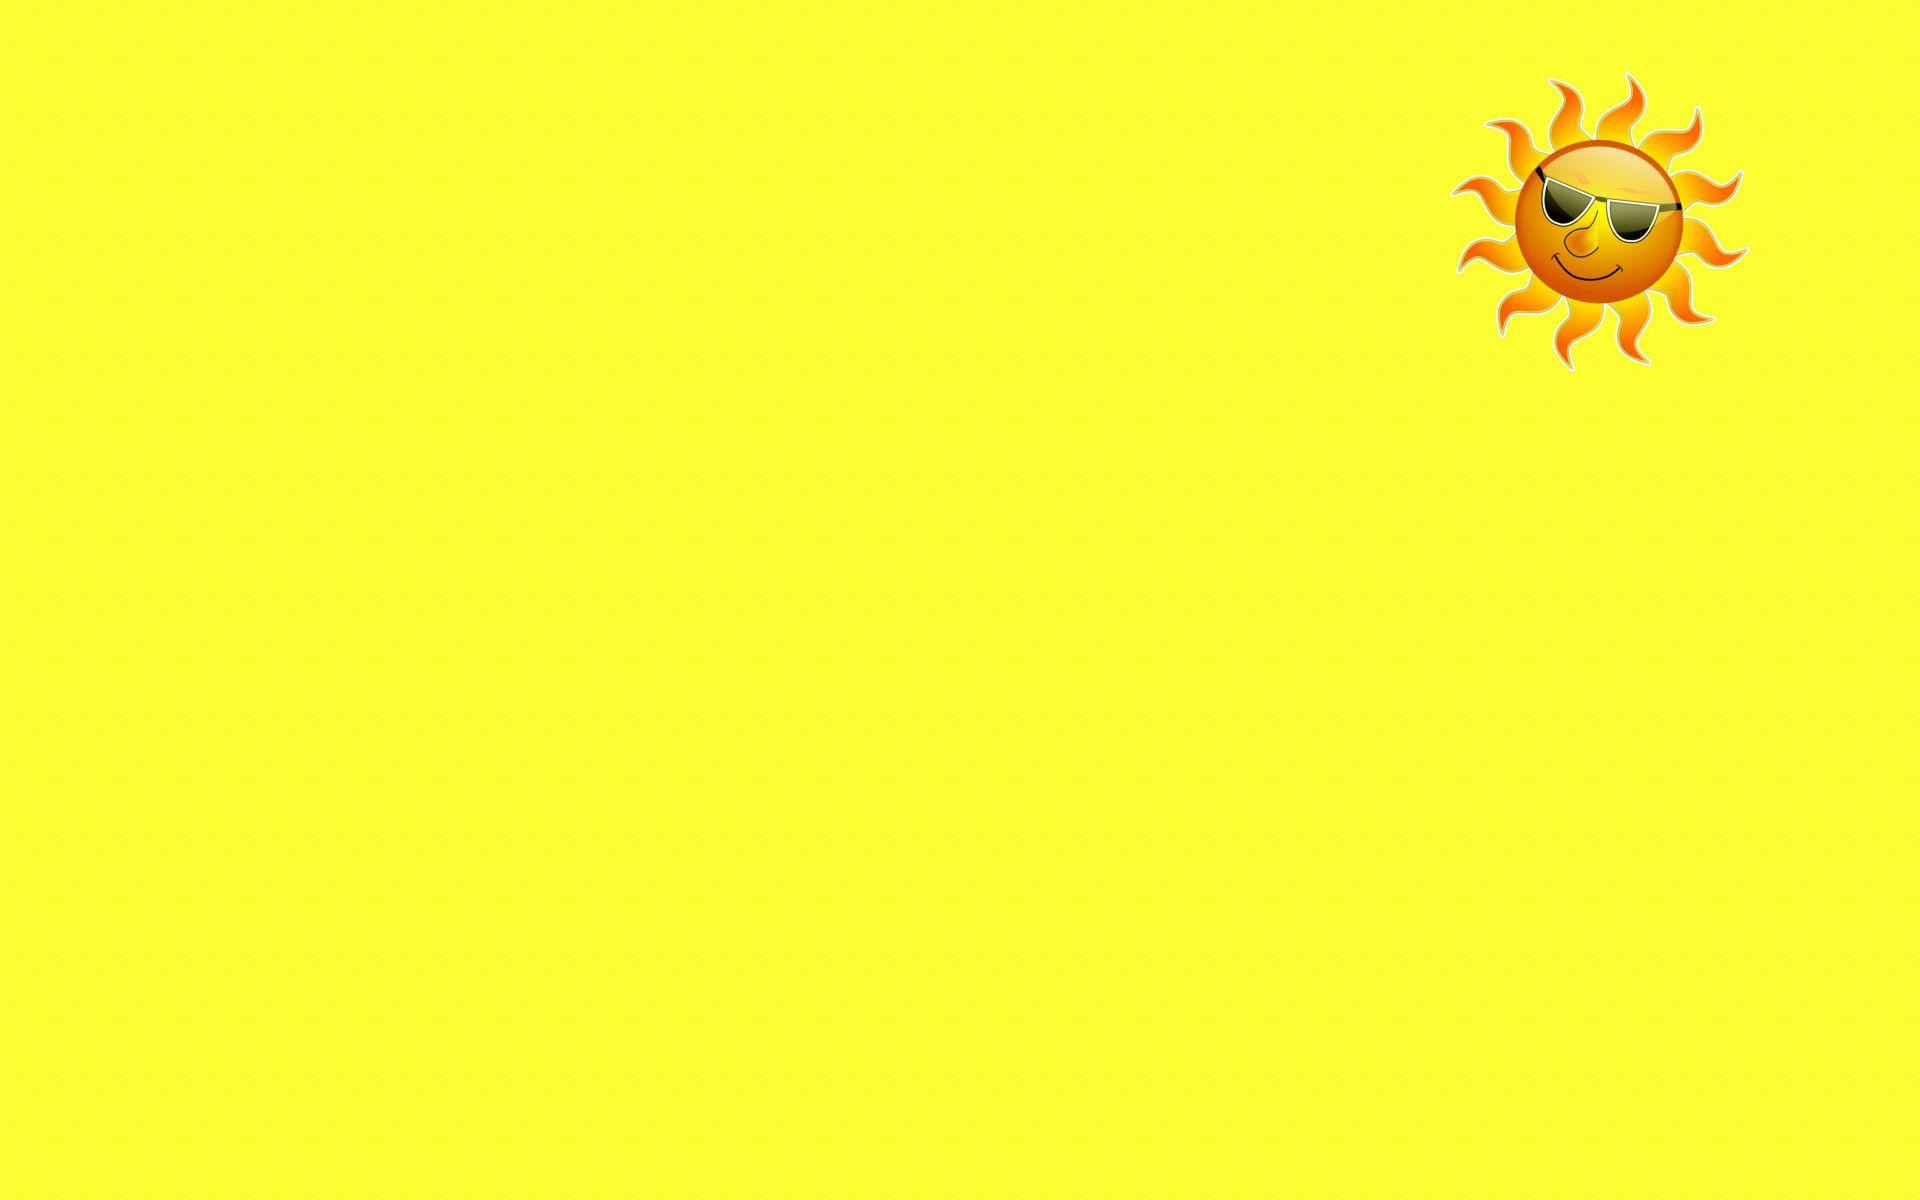 Sol de la historieta descargar sin logo thecheapjerseys Images